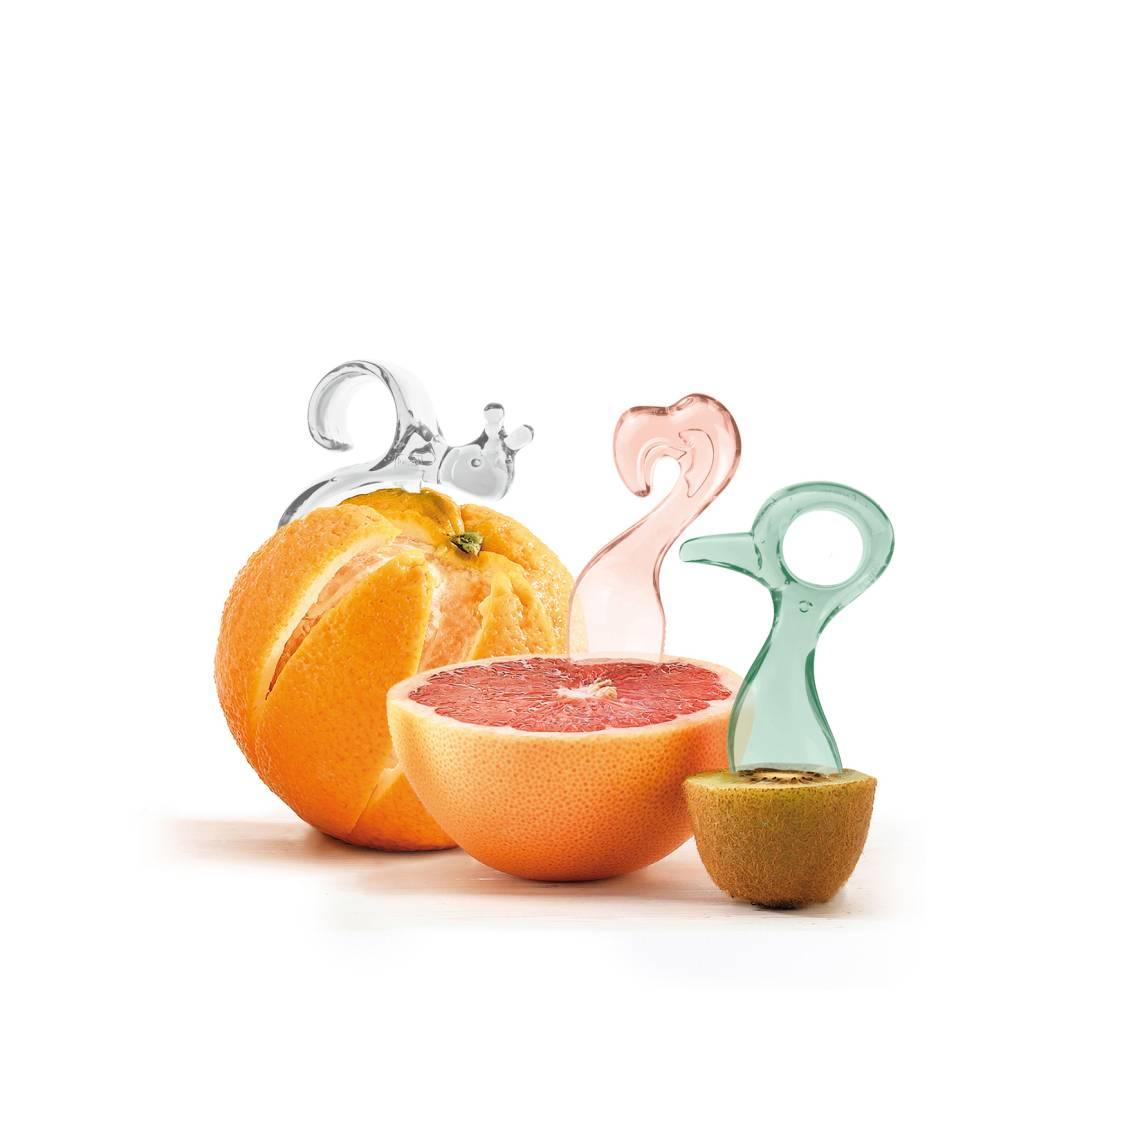 Koziol - Energy Tool Set - Pink, grün, weiß - Obst